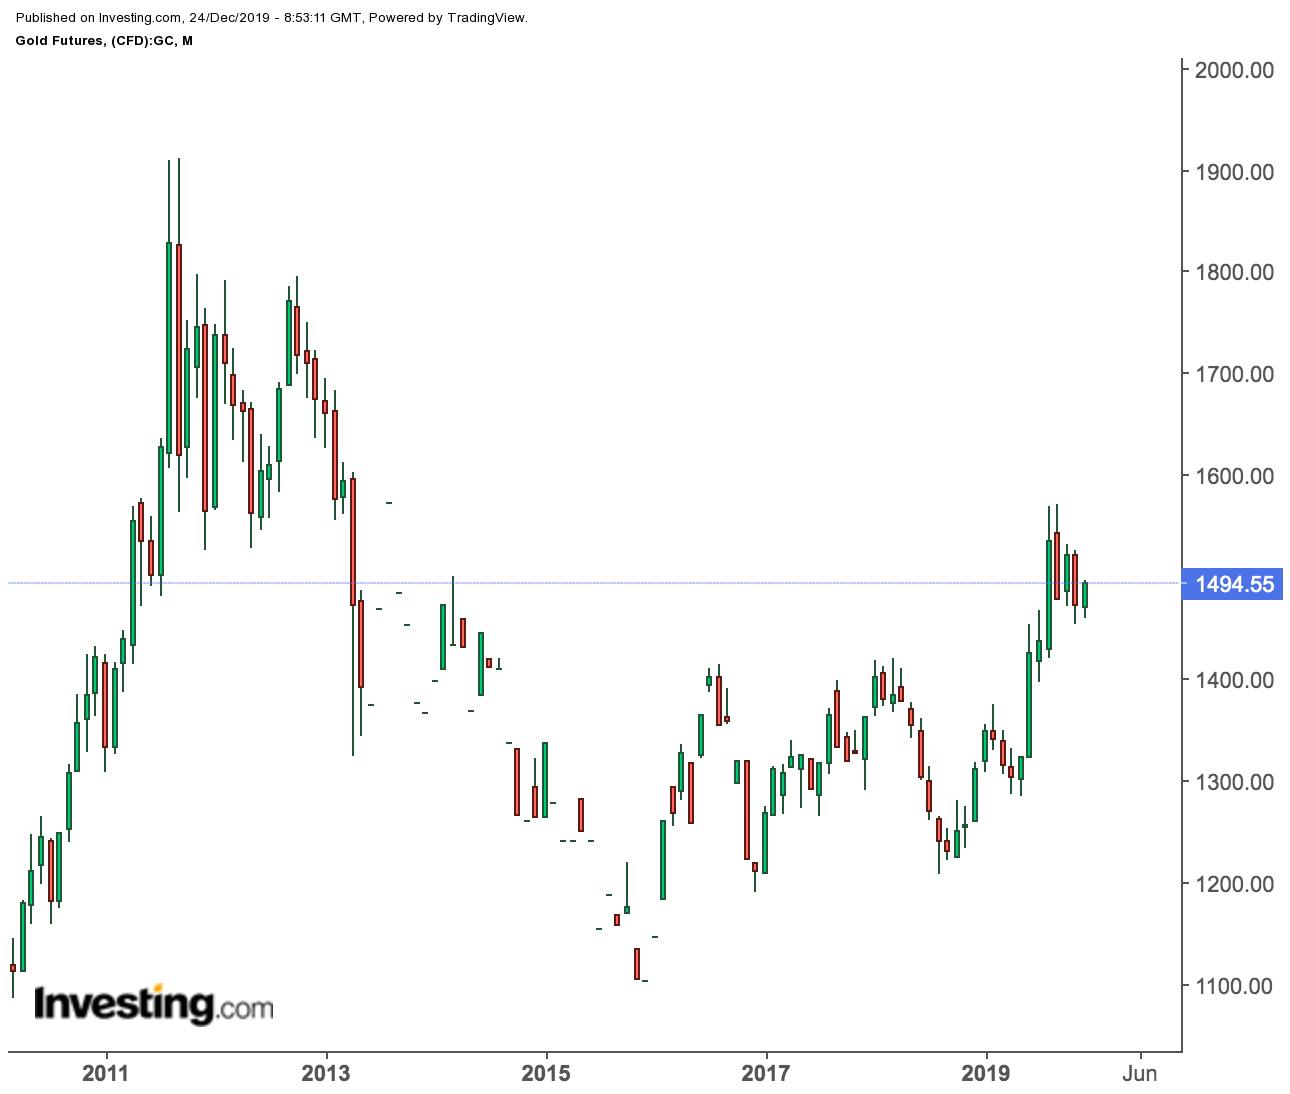 黄金期货价格月线图